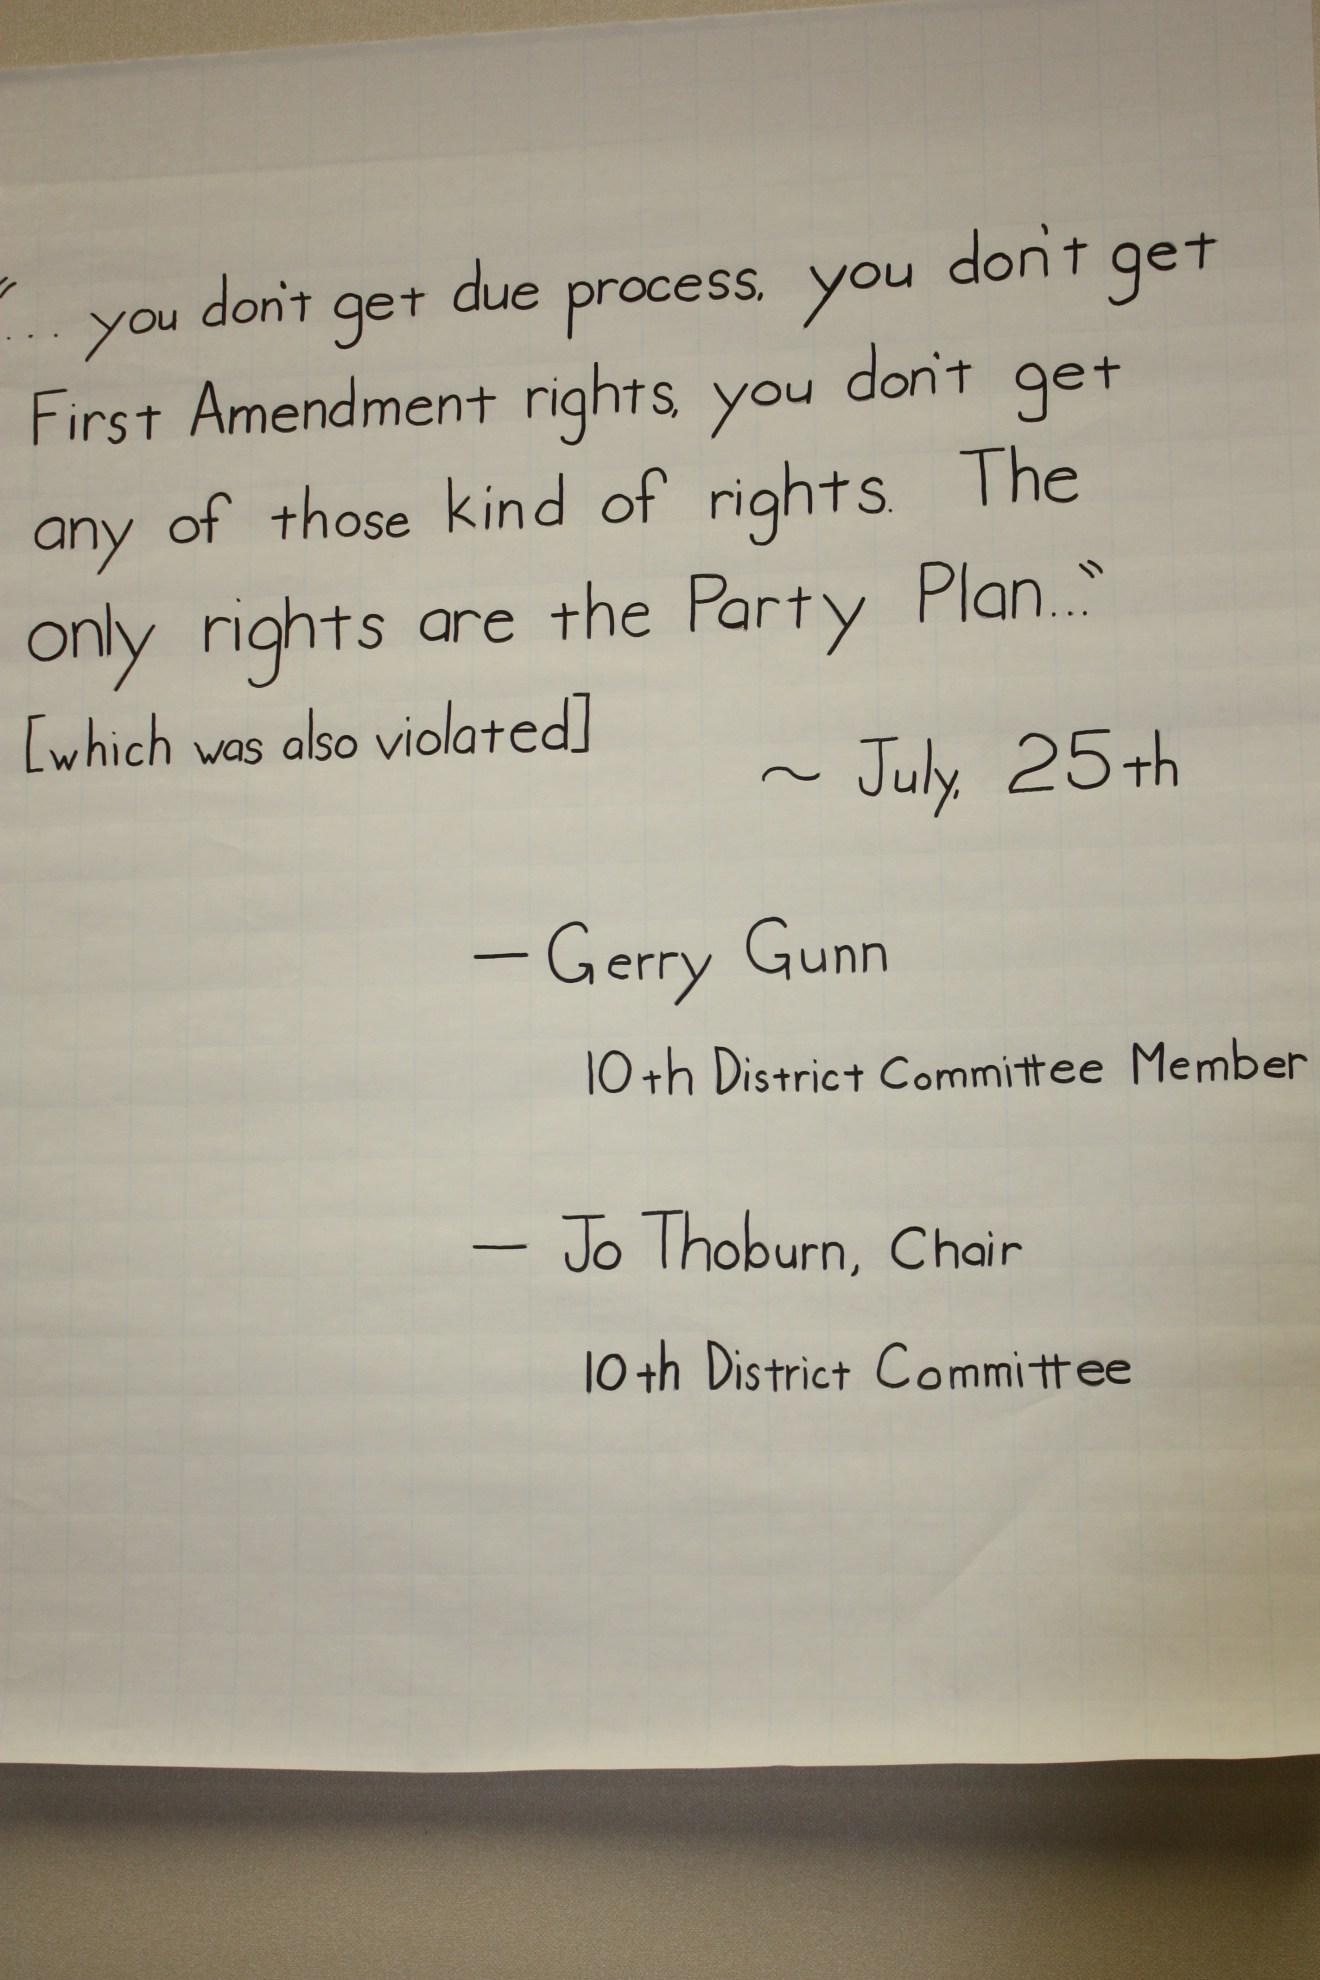 Message Gerry Gunn and JO